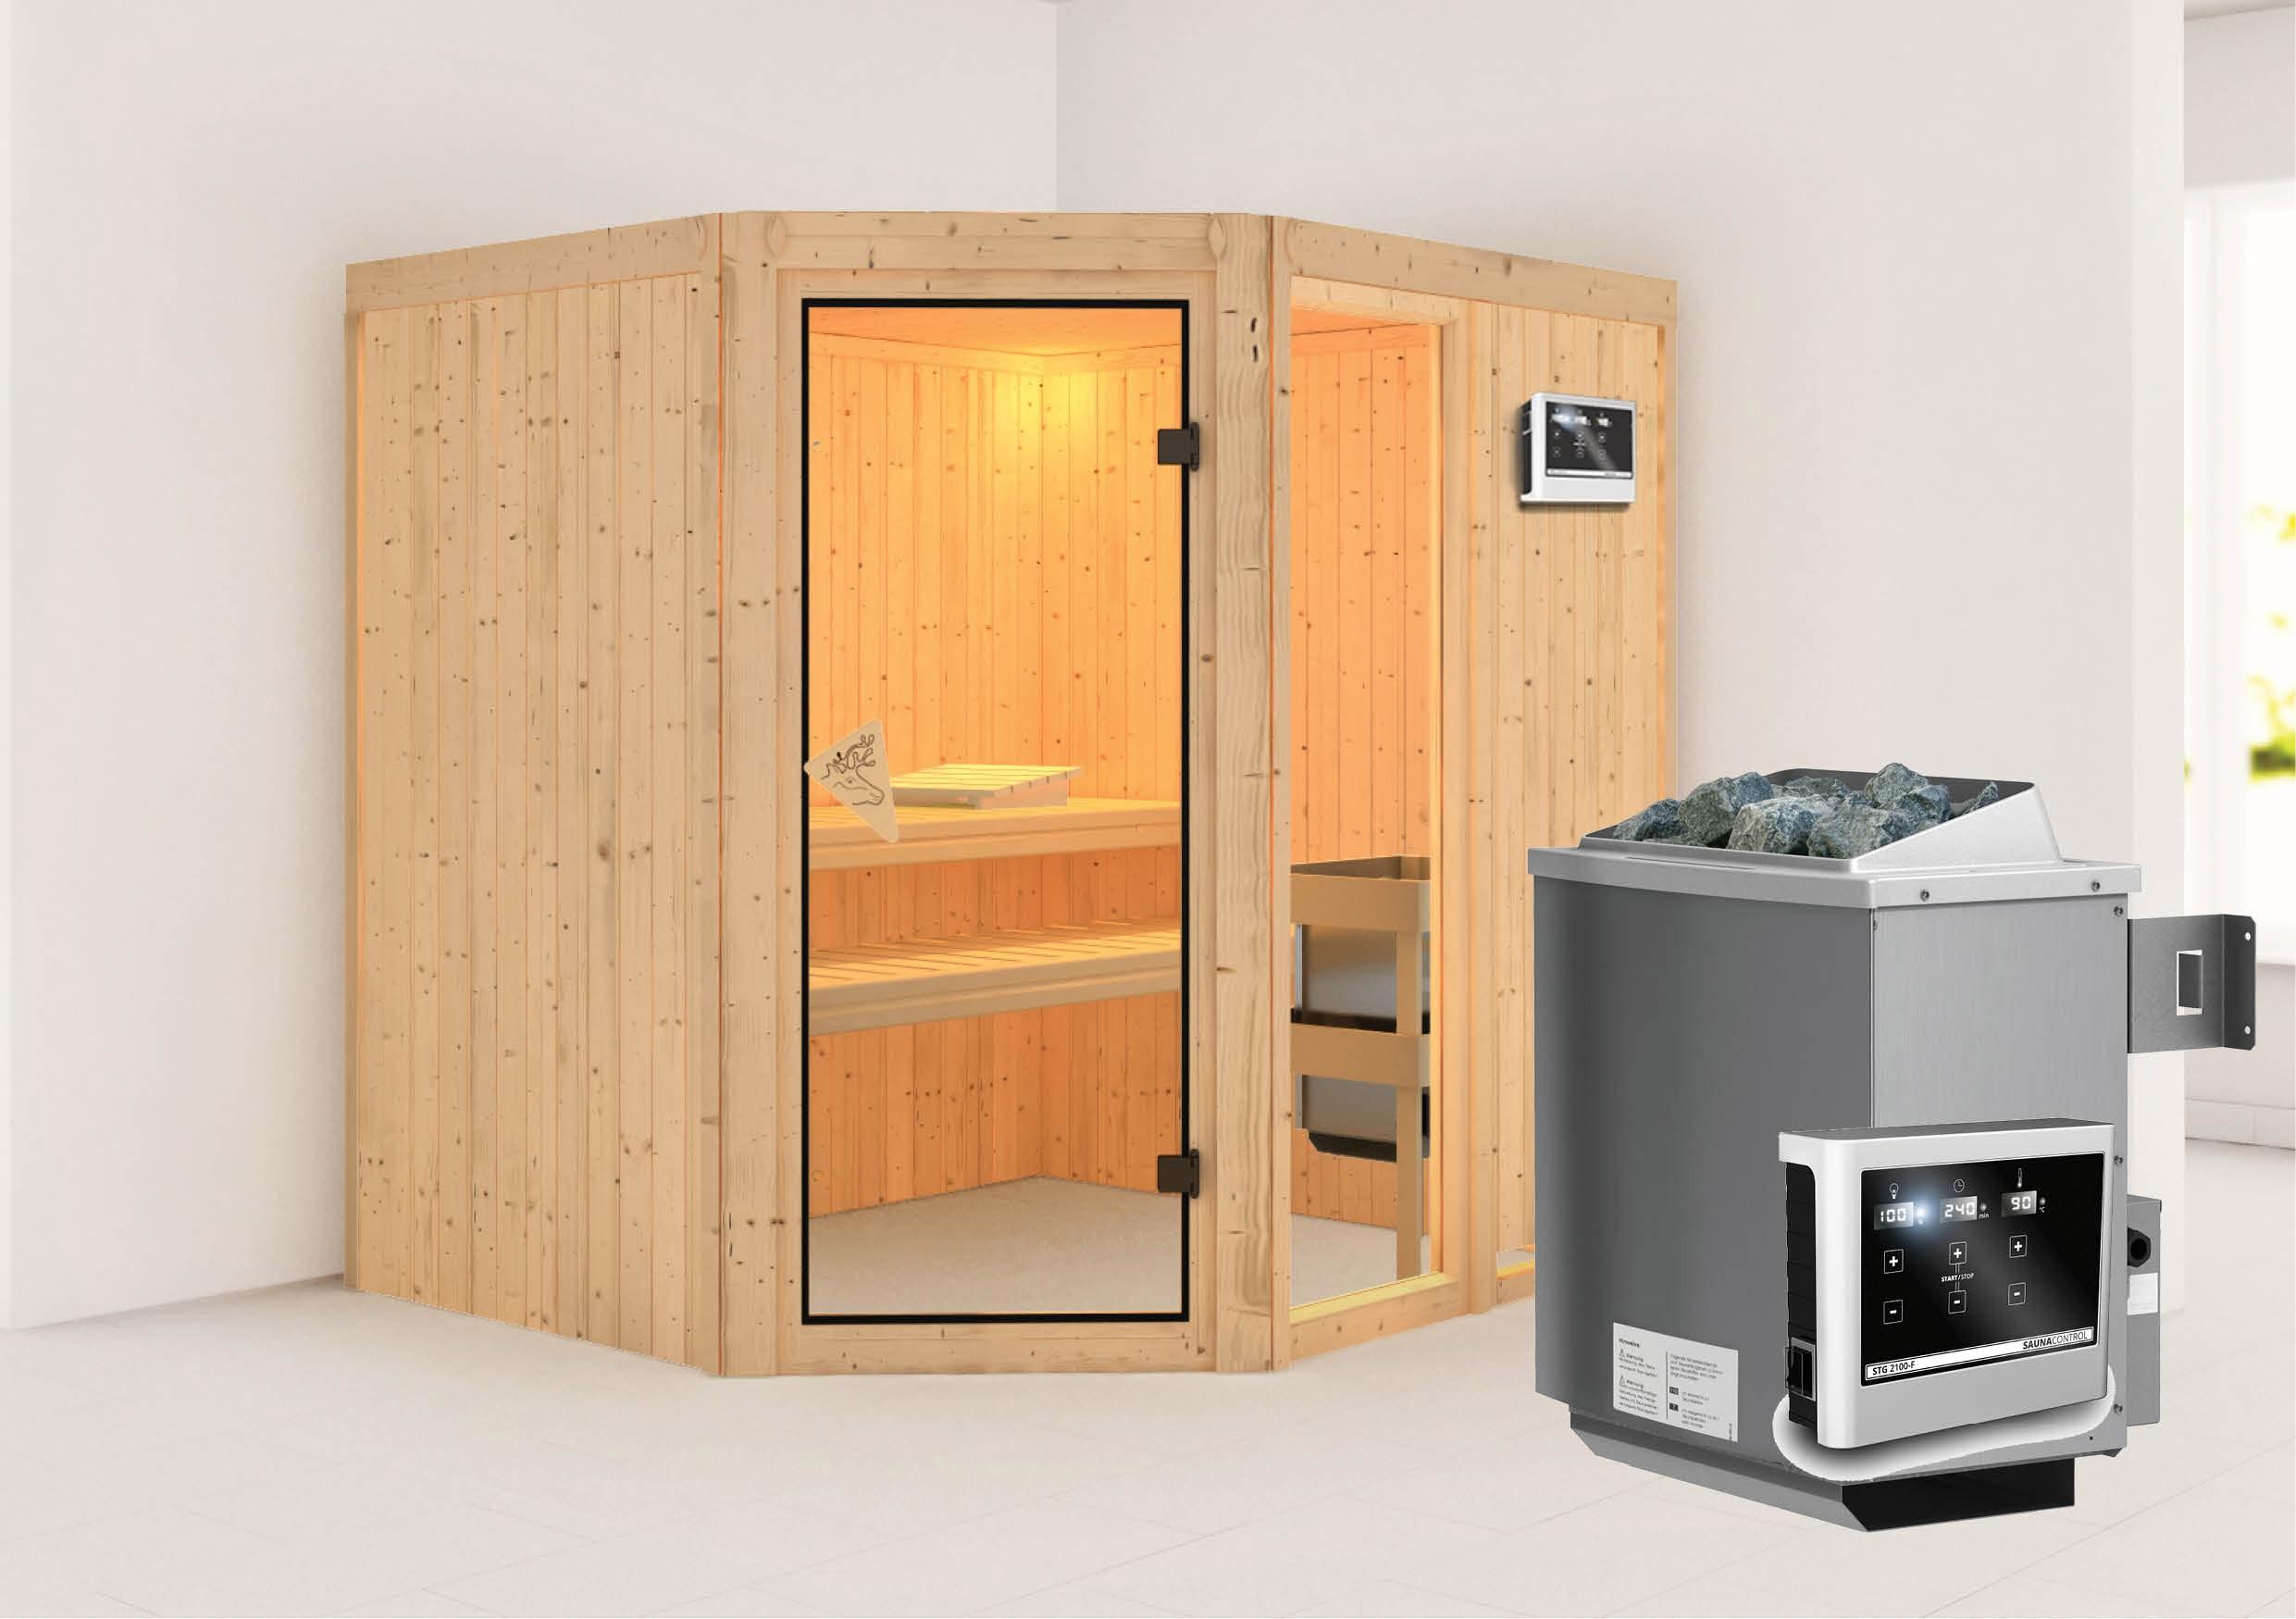 Karibu Sauna Fiona 2 68mm mit Ofen 9kW extern classic Tür Bild 1